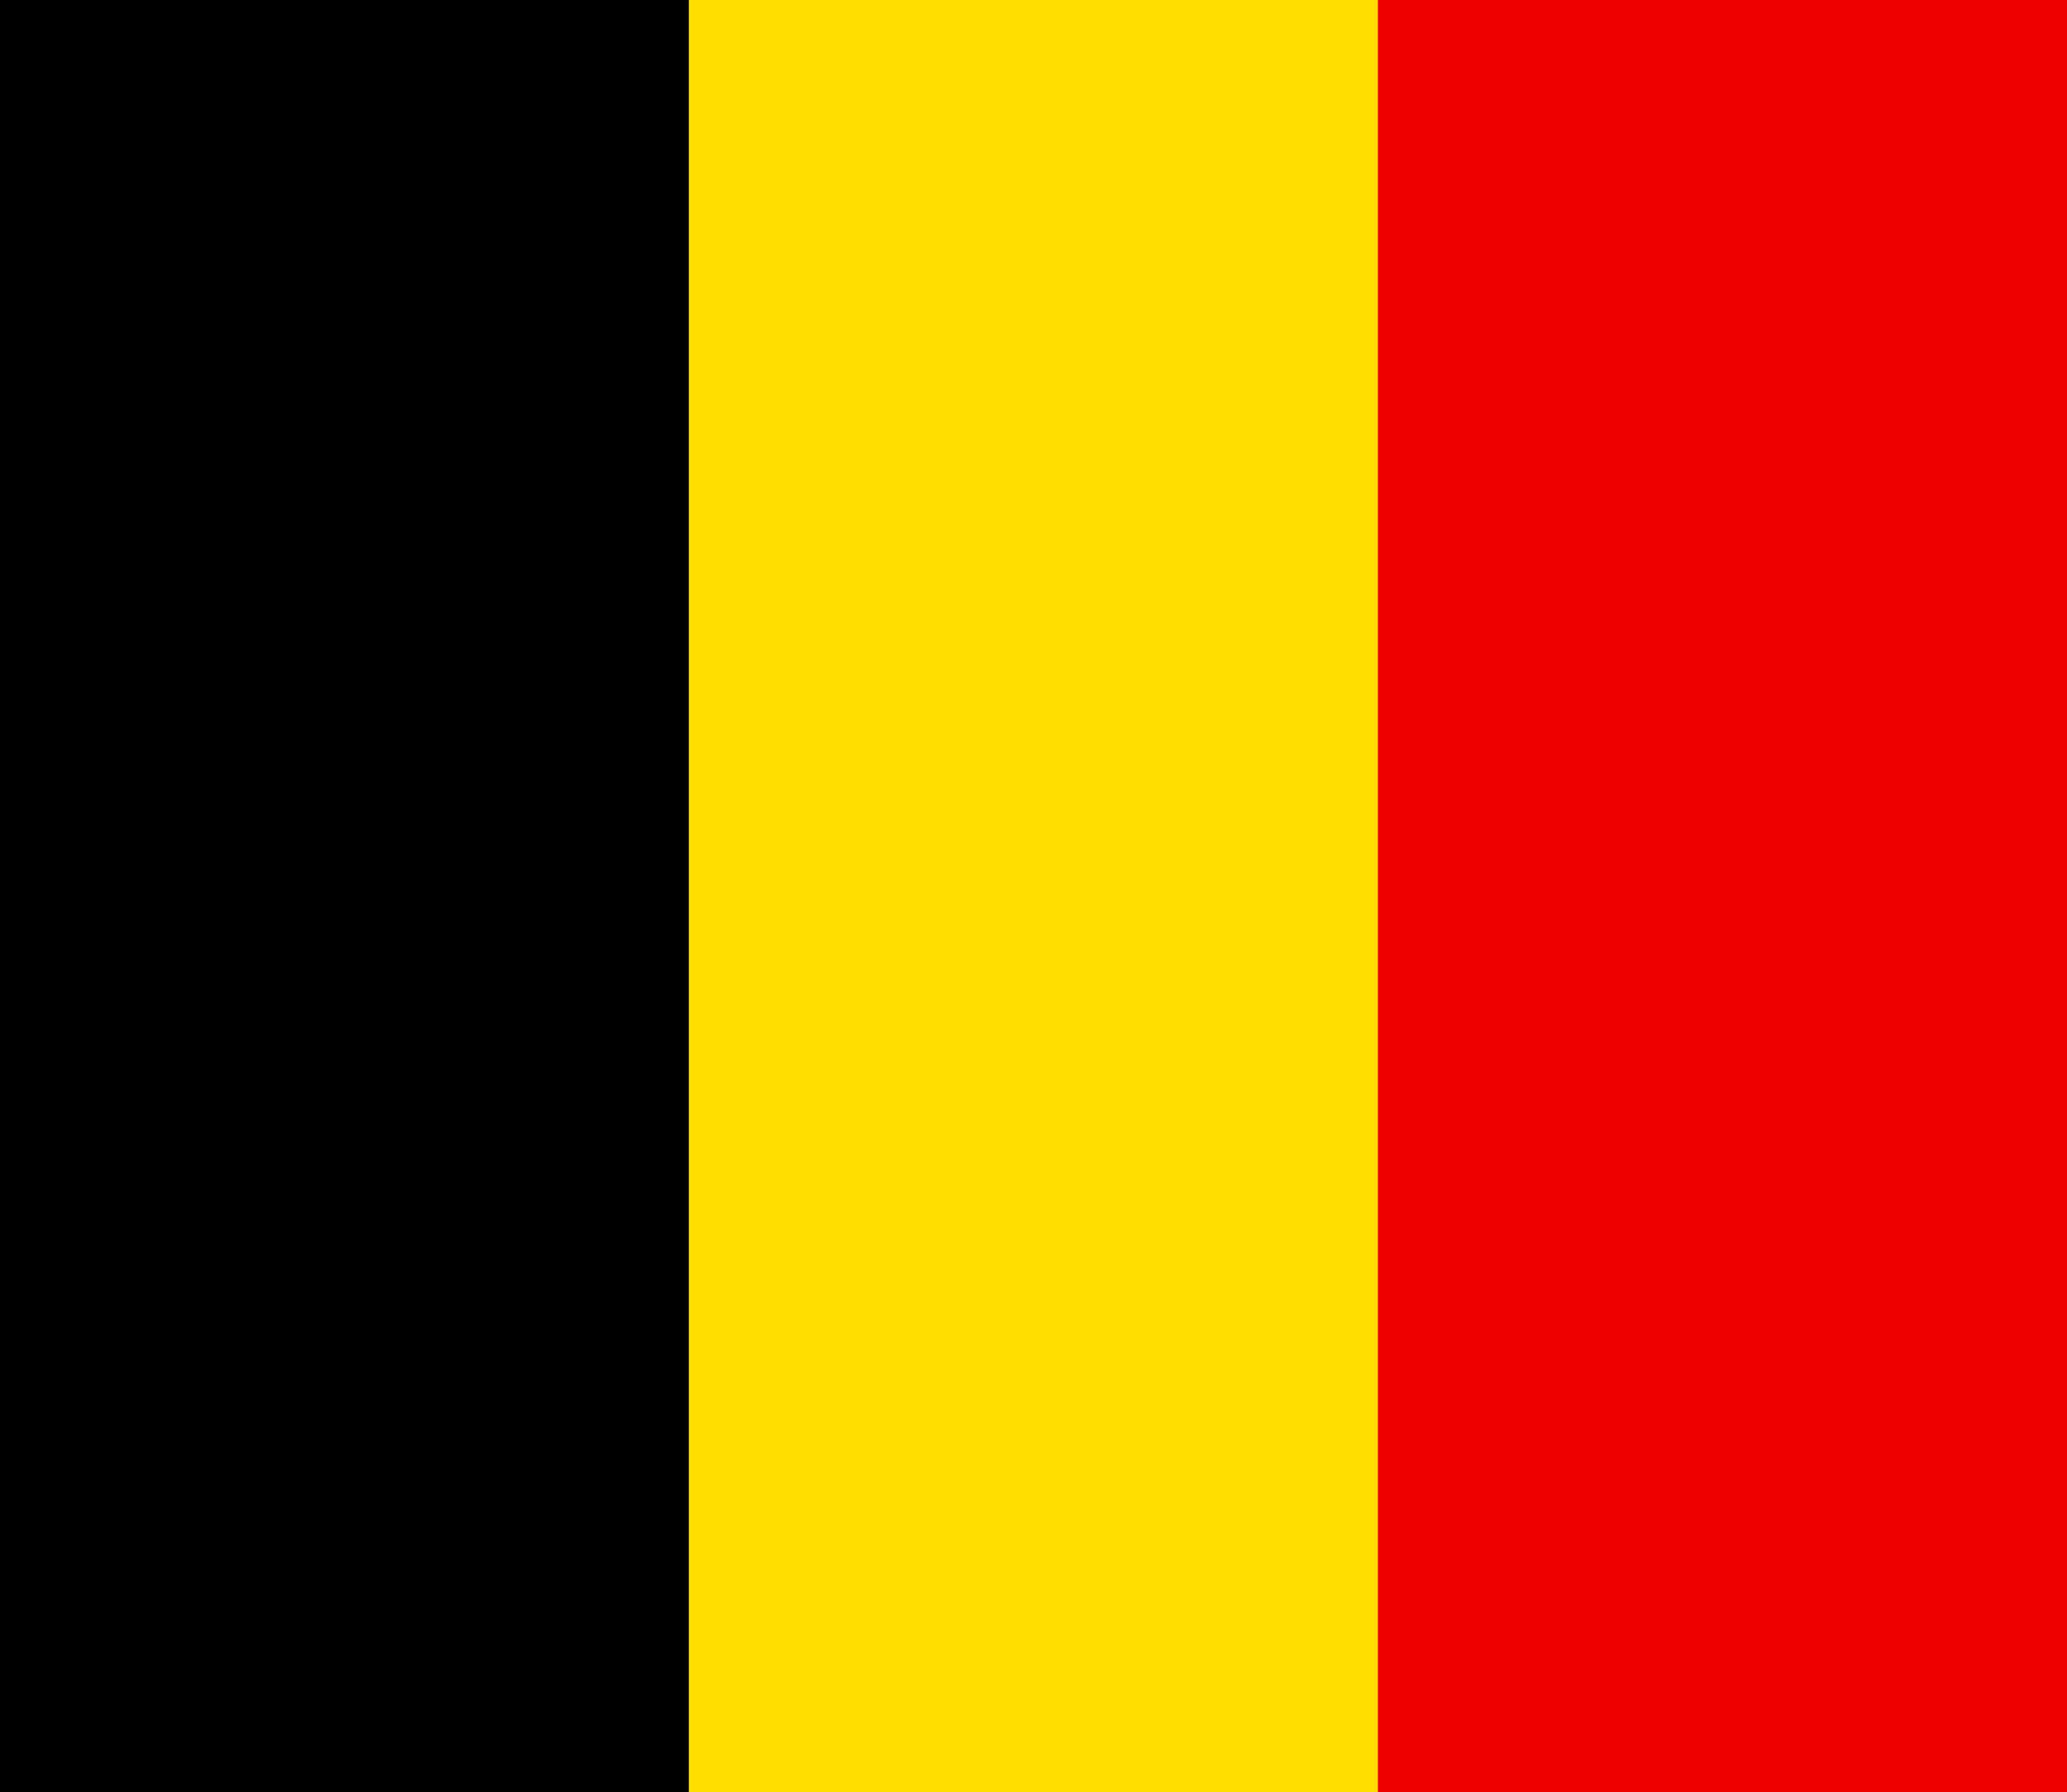 bélgica, paese, emblema, logo, simbolo - Sfondi HD - Professor-falken.com